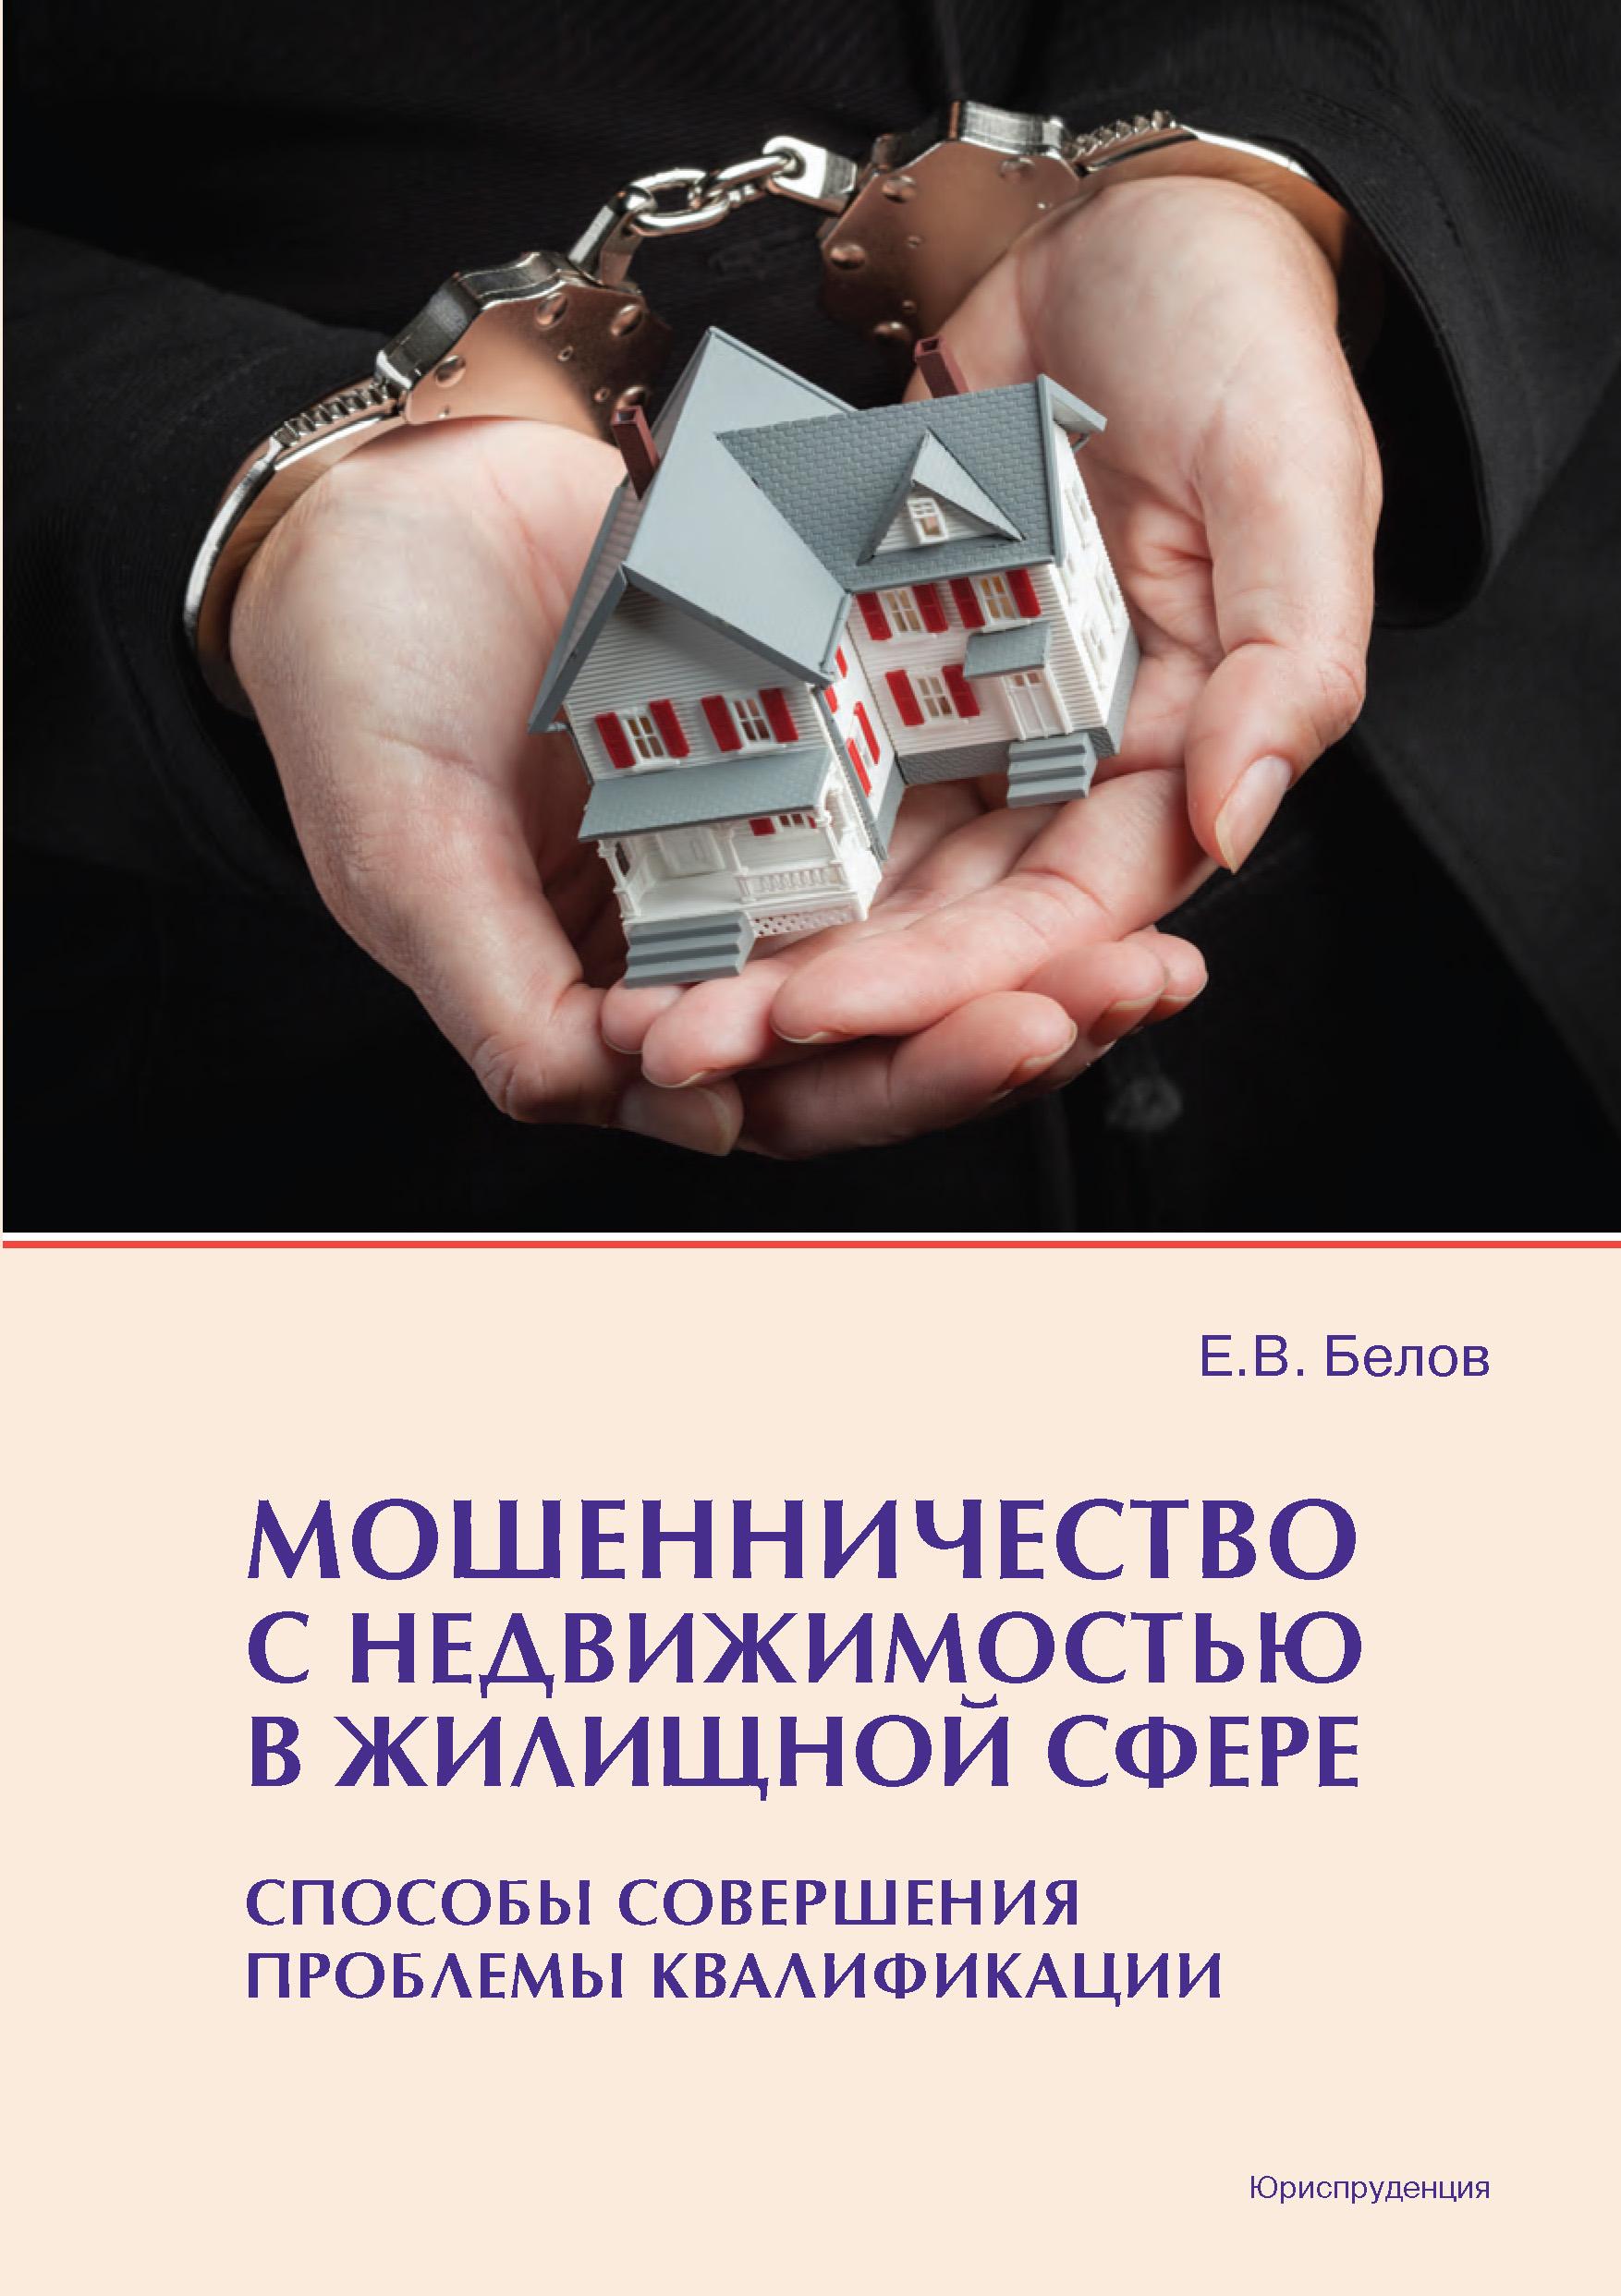 Обложка книги. Автор - Евгений Белов